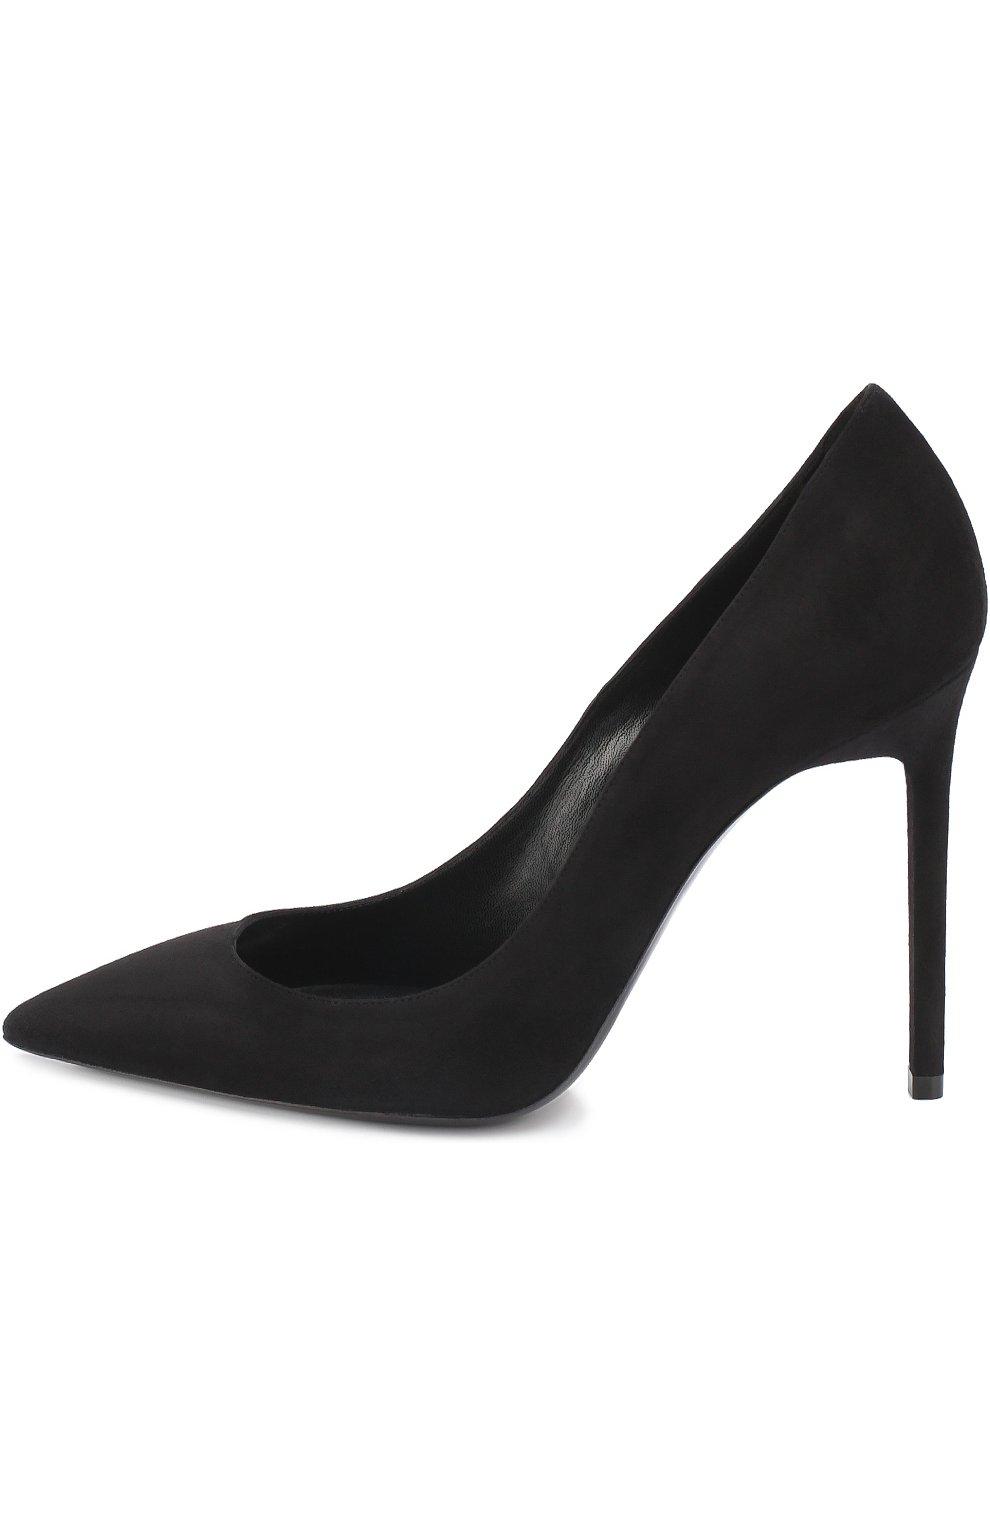 Замшевые туфли Anja на шпильке | Фото №3